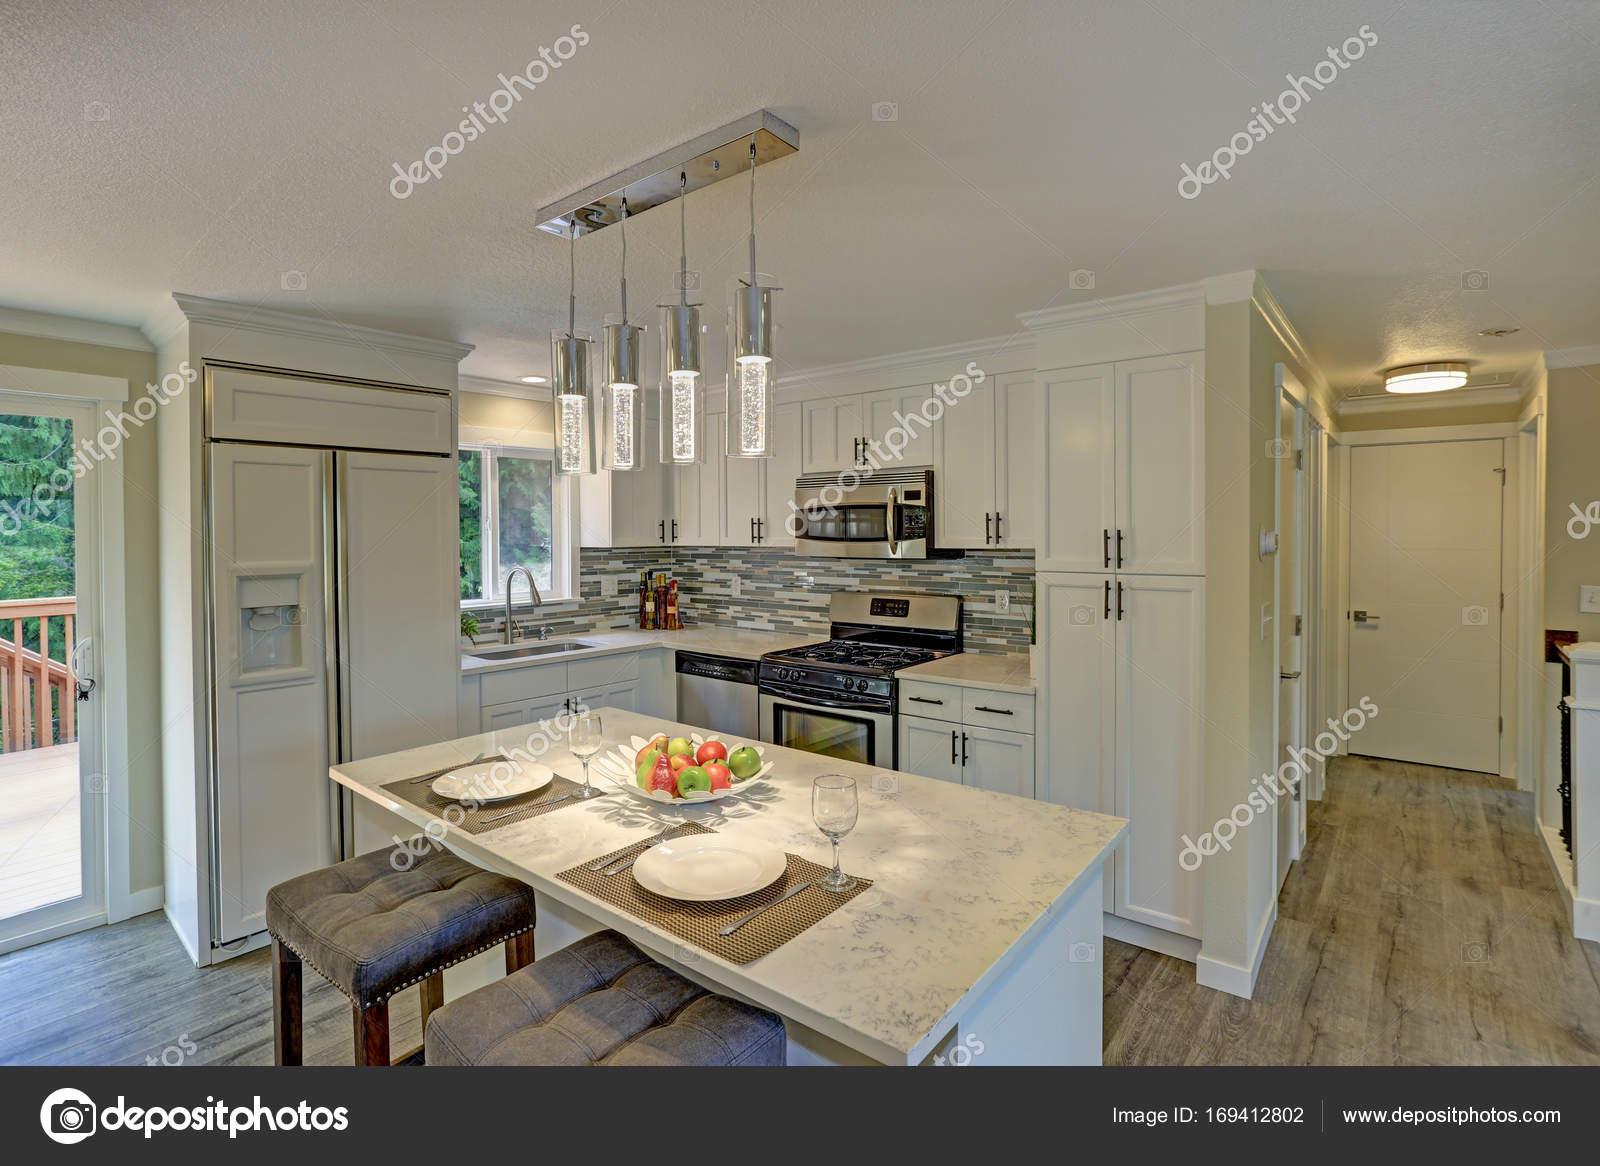 Schöne offene zweite Etage weiße Küche — Stockfoto © alabn #169412802